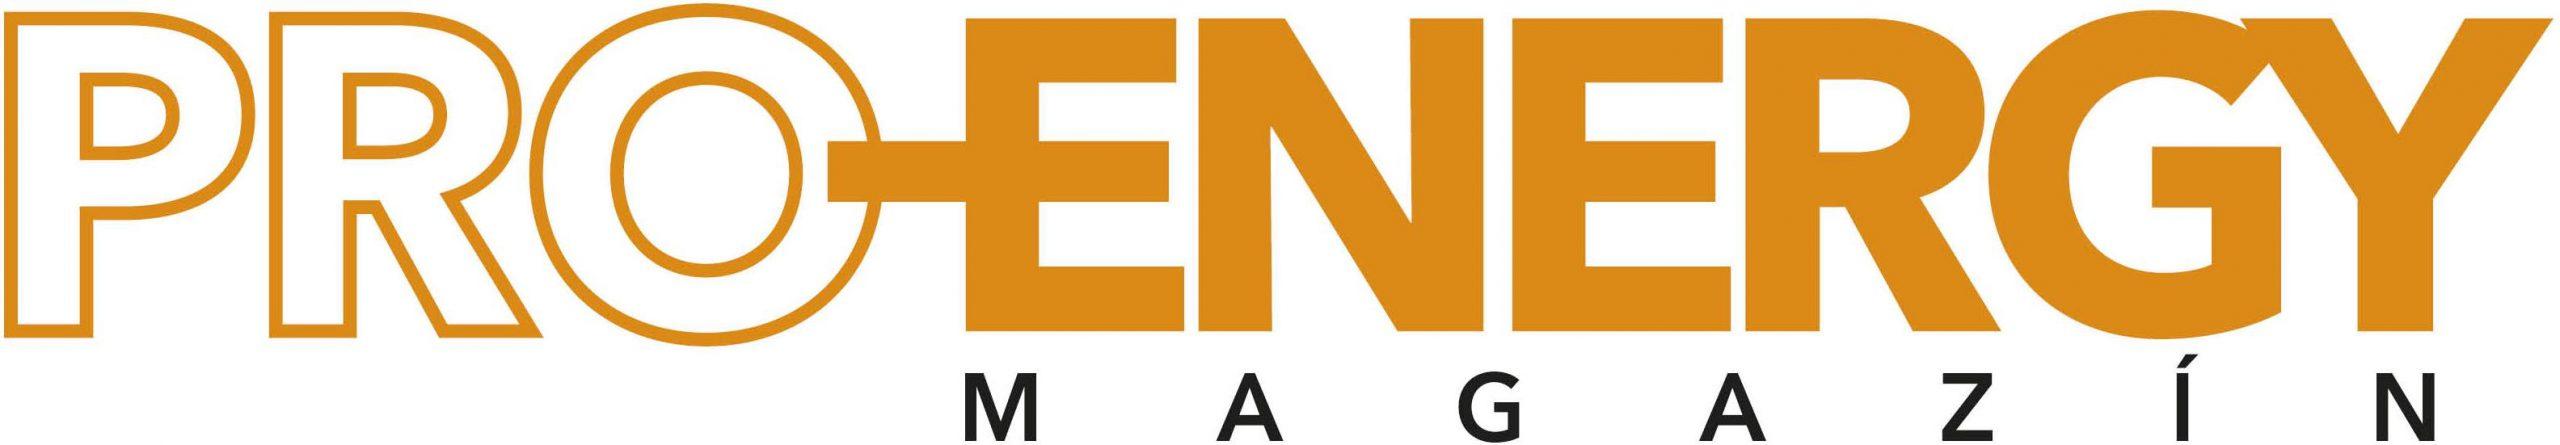 PEMAGAZIN_logo kontura_svetly podklad